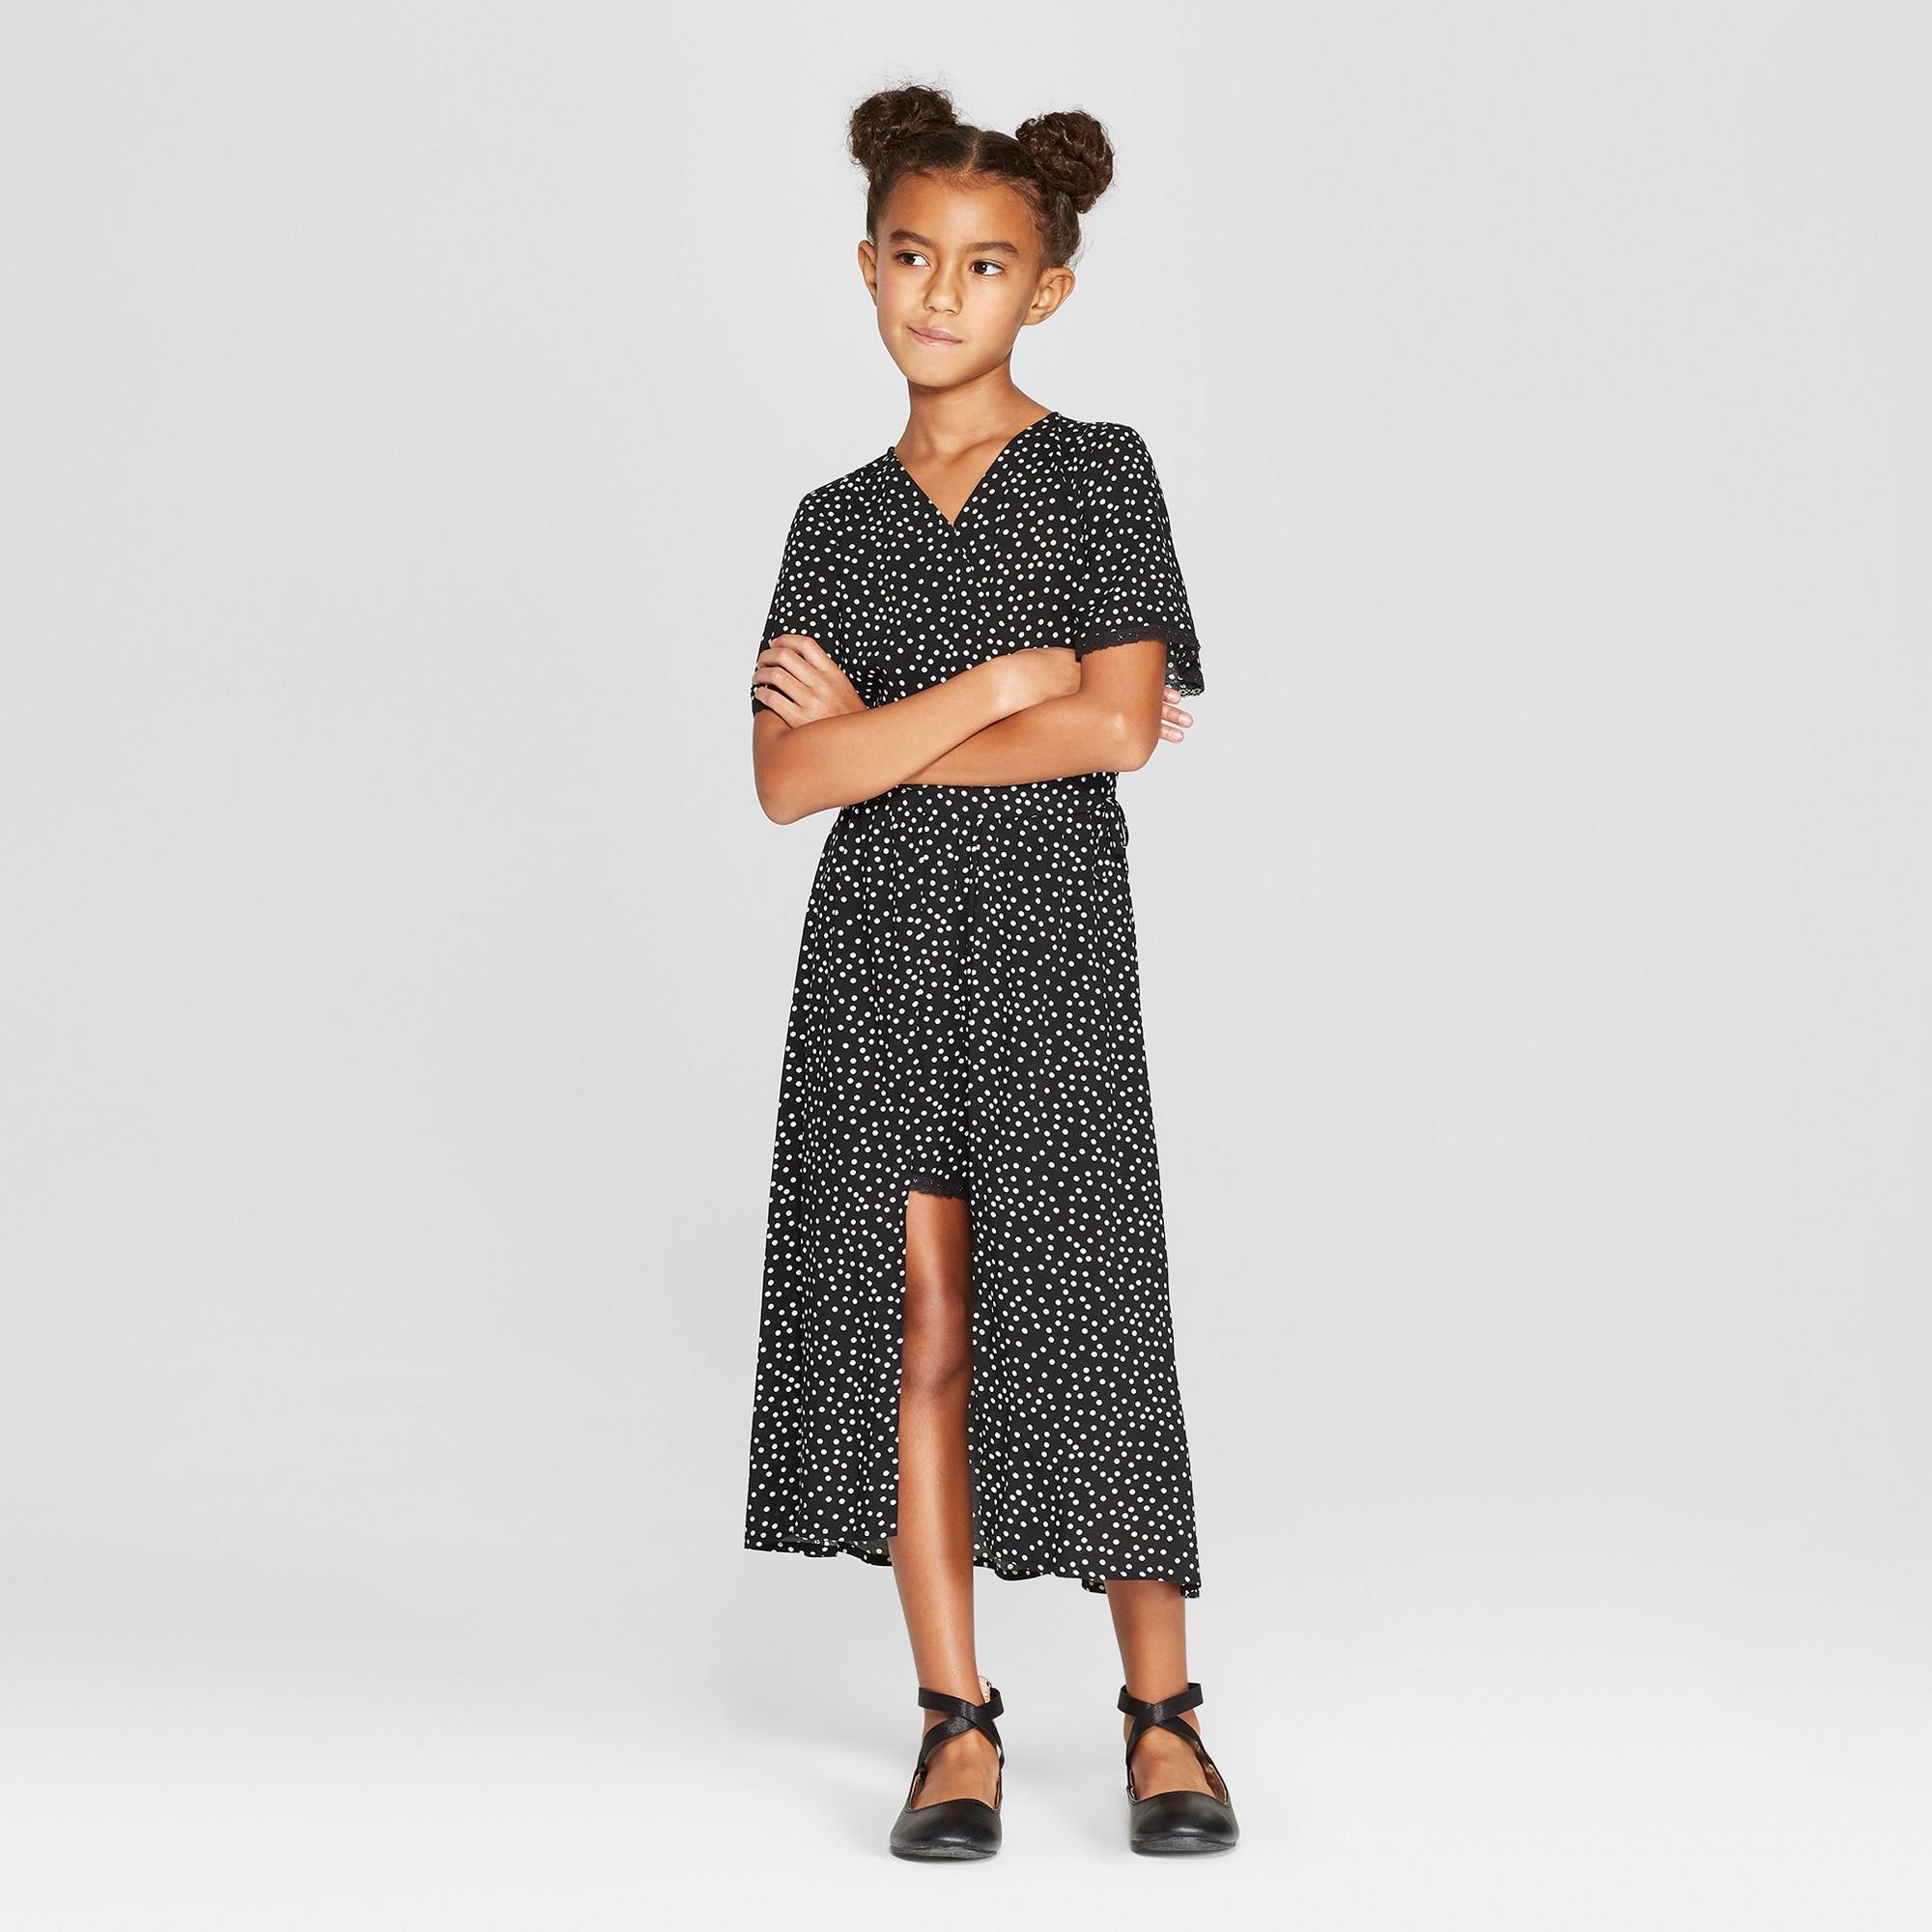 f21025e4dda4 Girls' Maxi Romper Dress - art class Black XS | Products | Romper ...